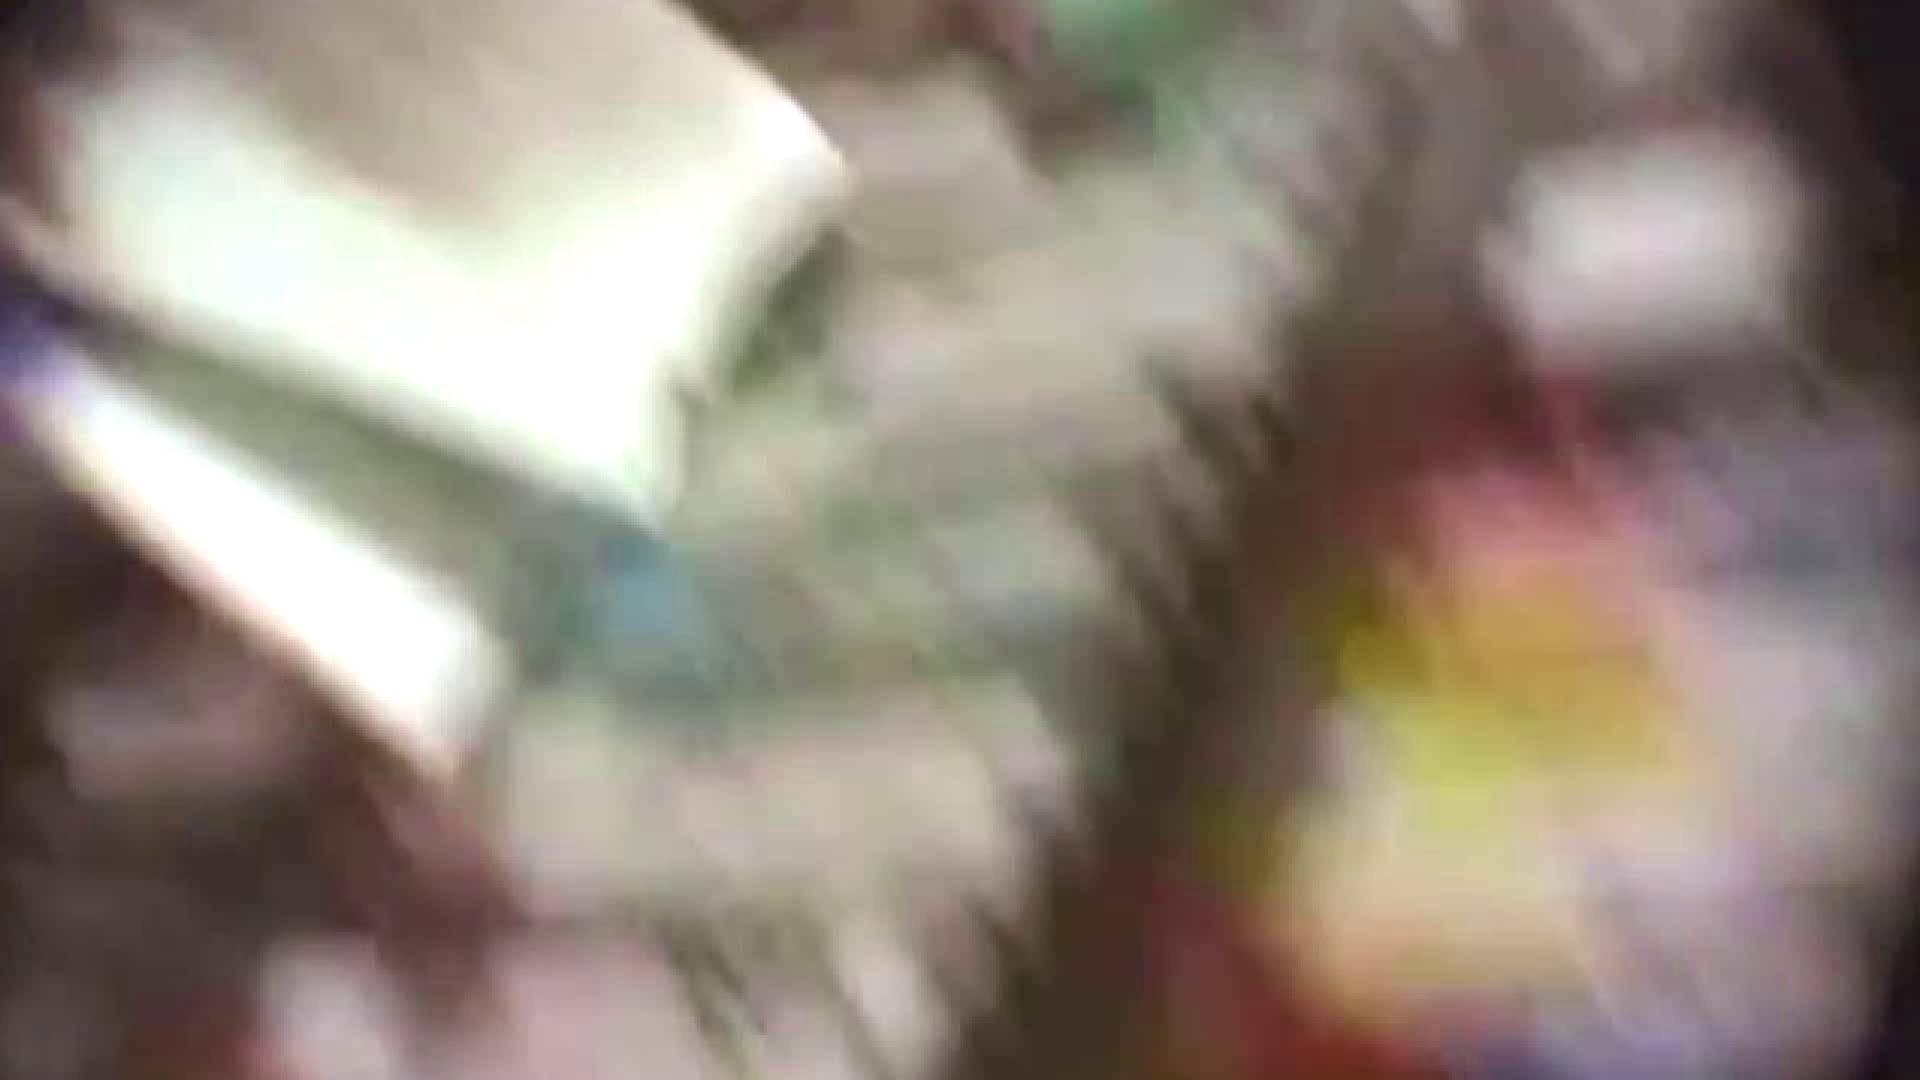 真剣に買い物中のgal達を上から下から狙います。vol.05 JKヌード   HなOL  72pic 6